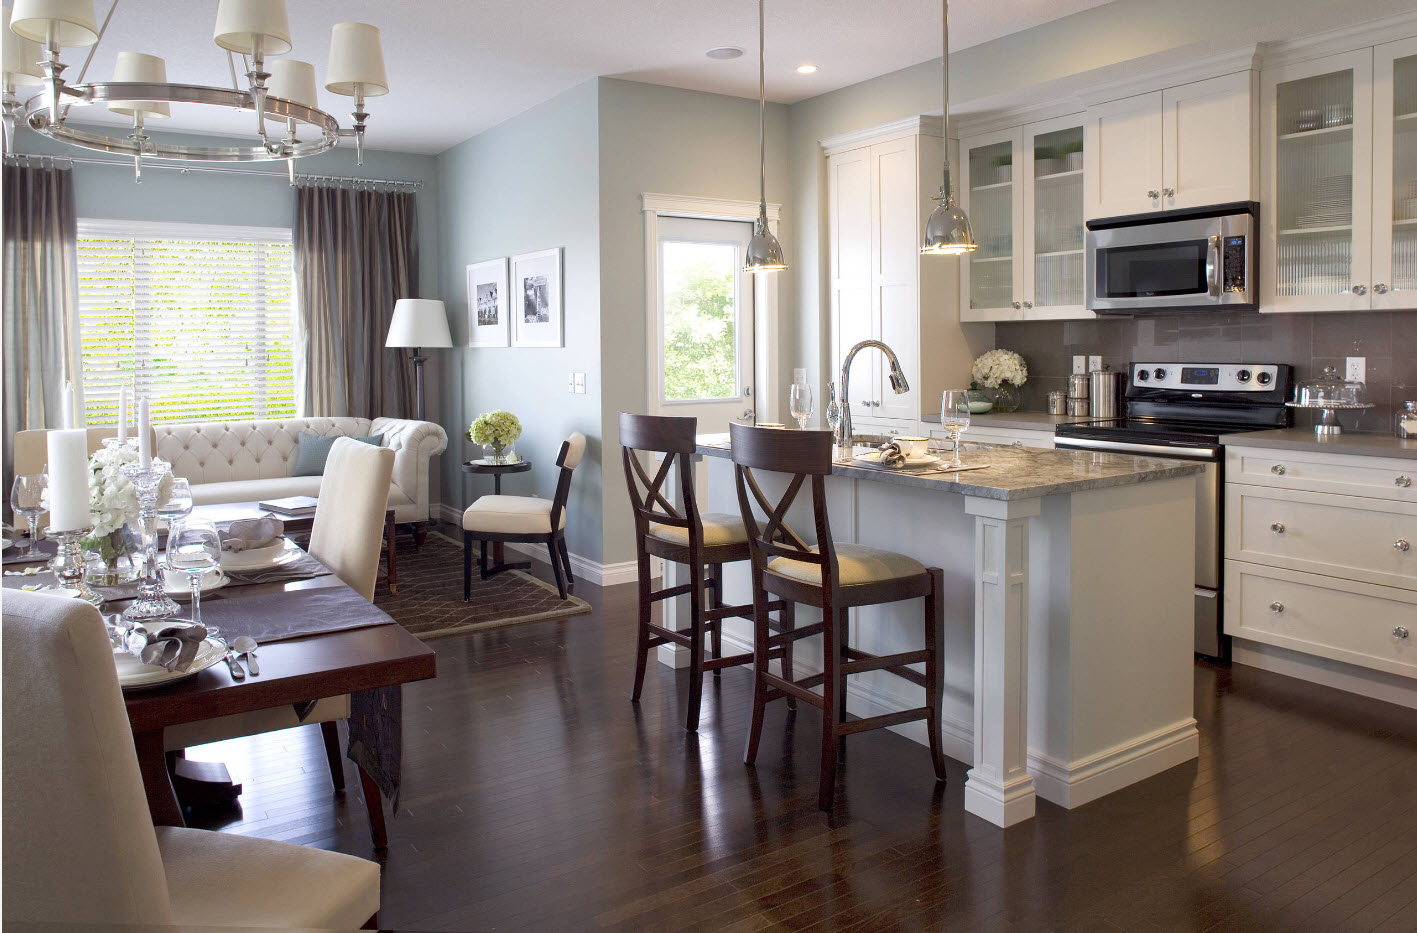 современный дизайн кухни гостиной 42 фото идеи